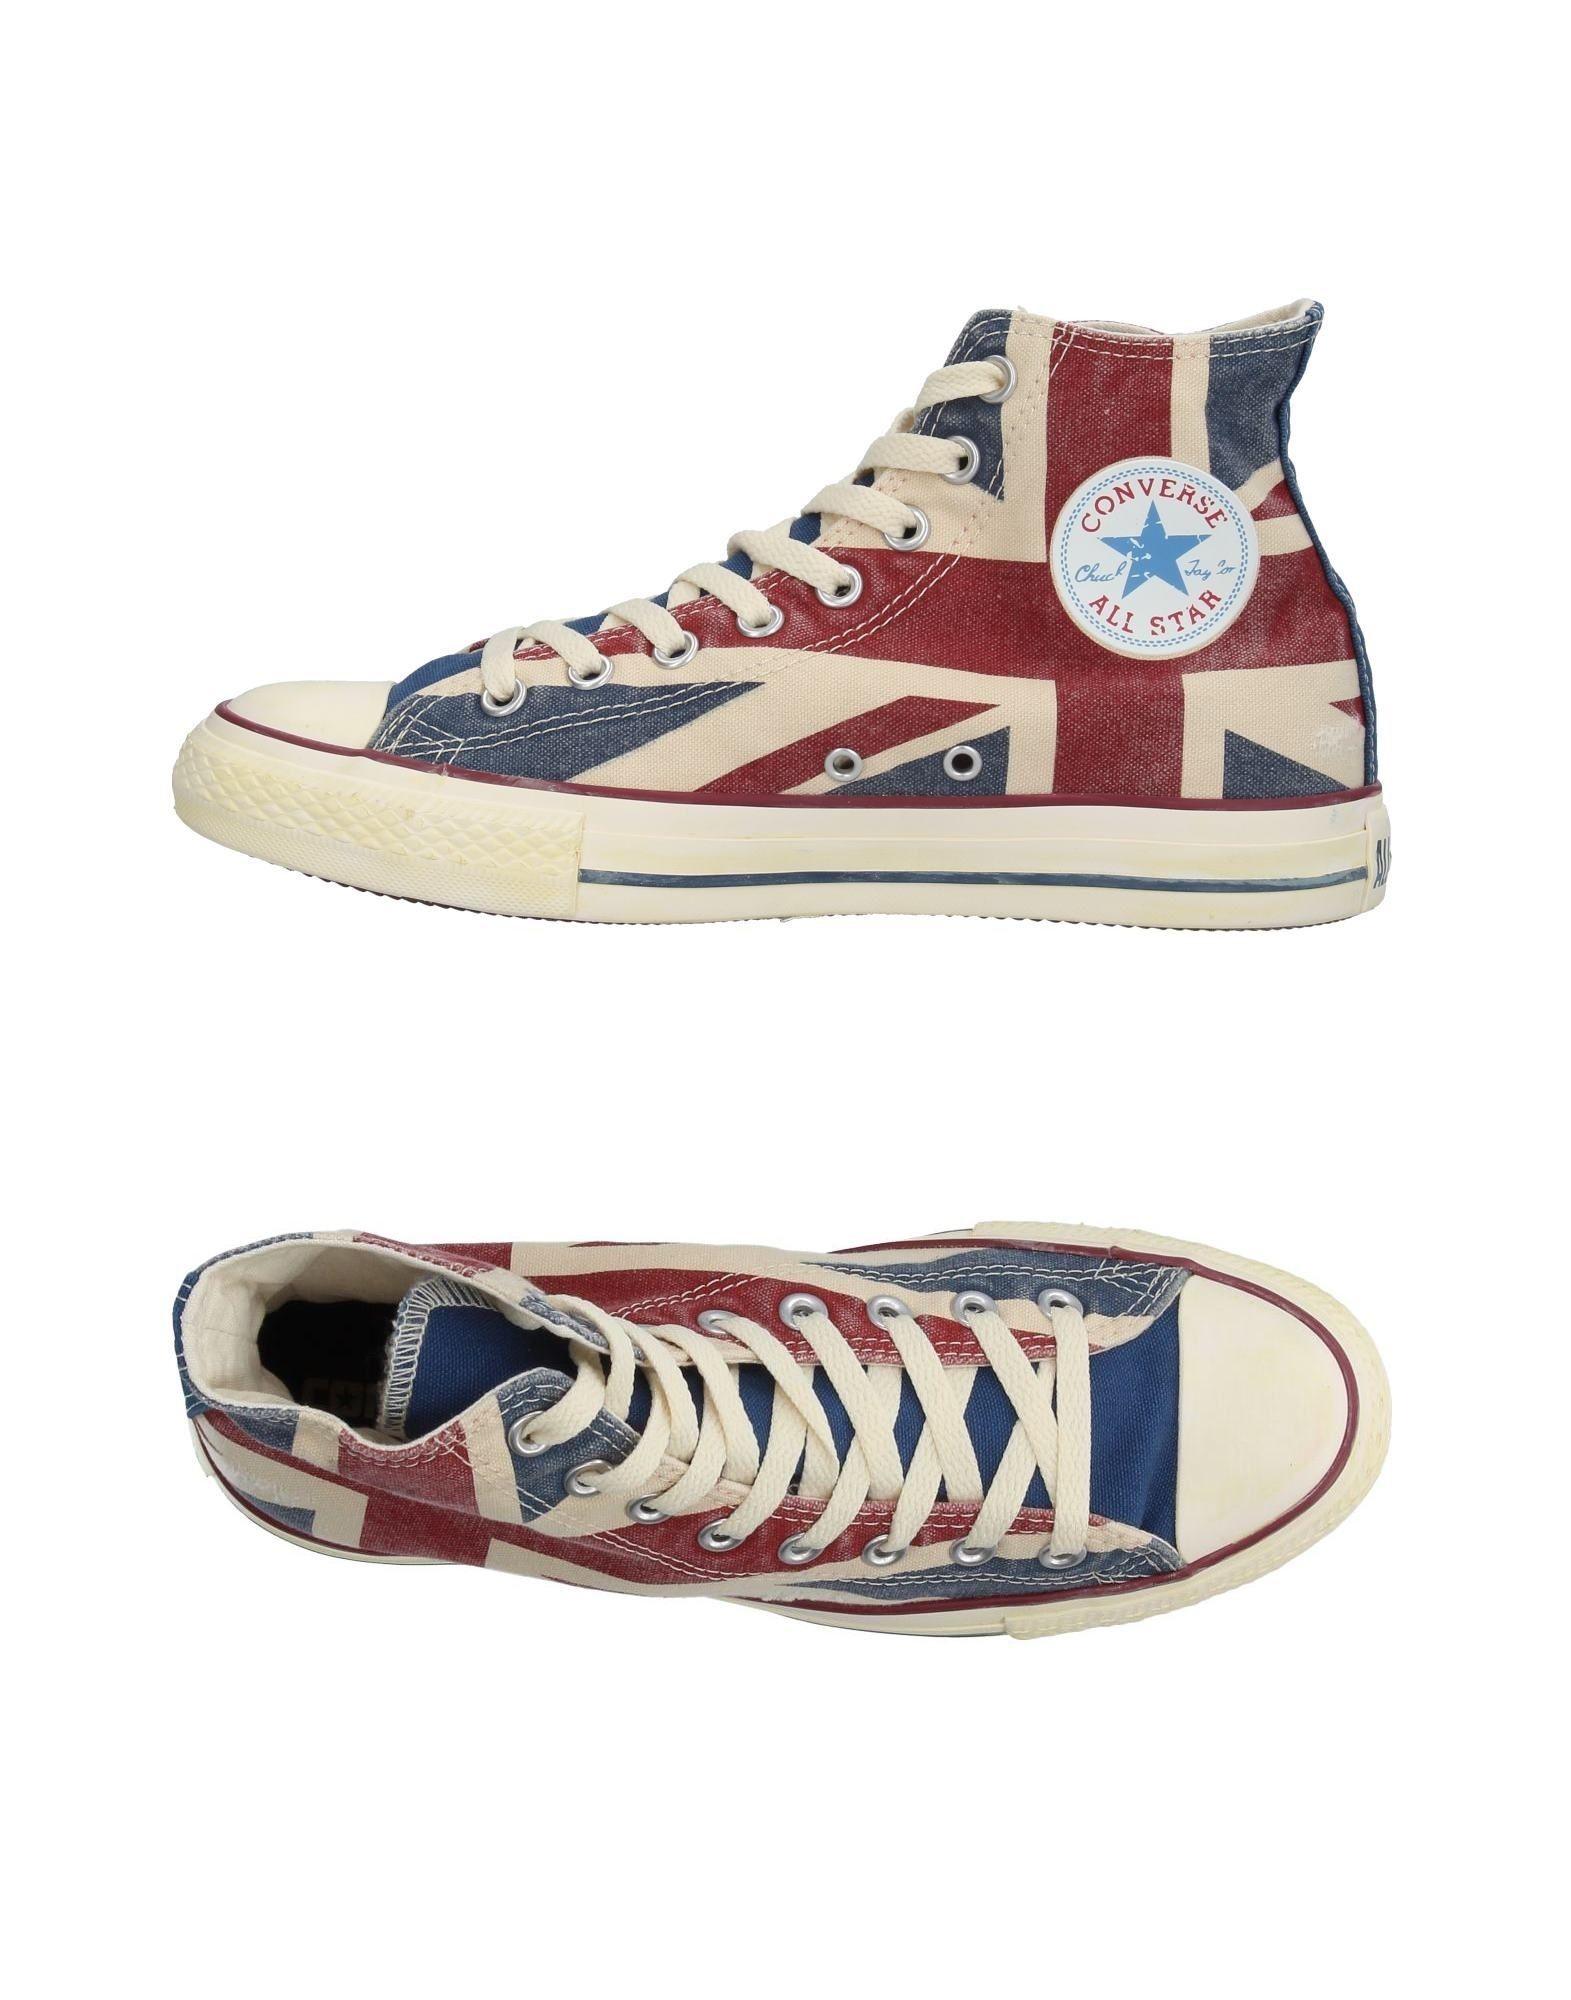 Rabatt Schuhe echte Schuhe Rabatt Converse All Star Sneakers Herren  11205530DW 520a62